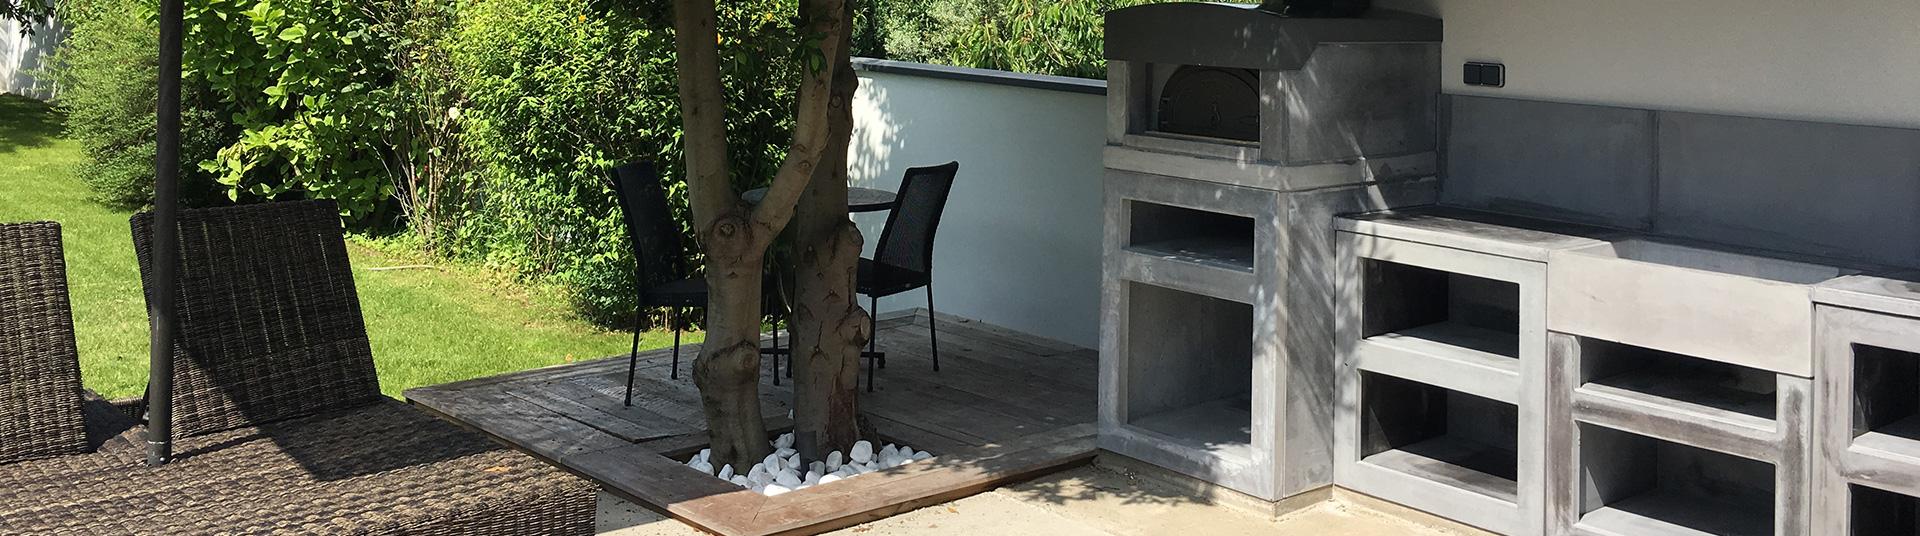 Evier en pierre reconstitu e pour cuisine d 39 t ext rieure - Cuisine d ete en pierre reconstituee ...